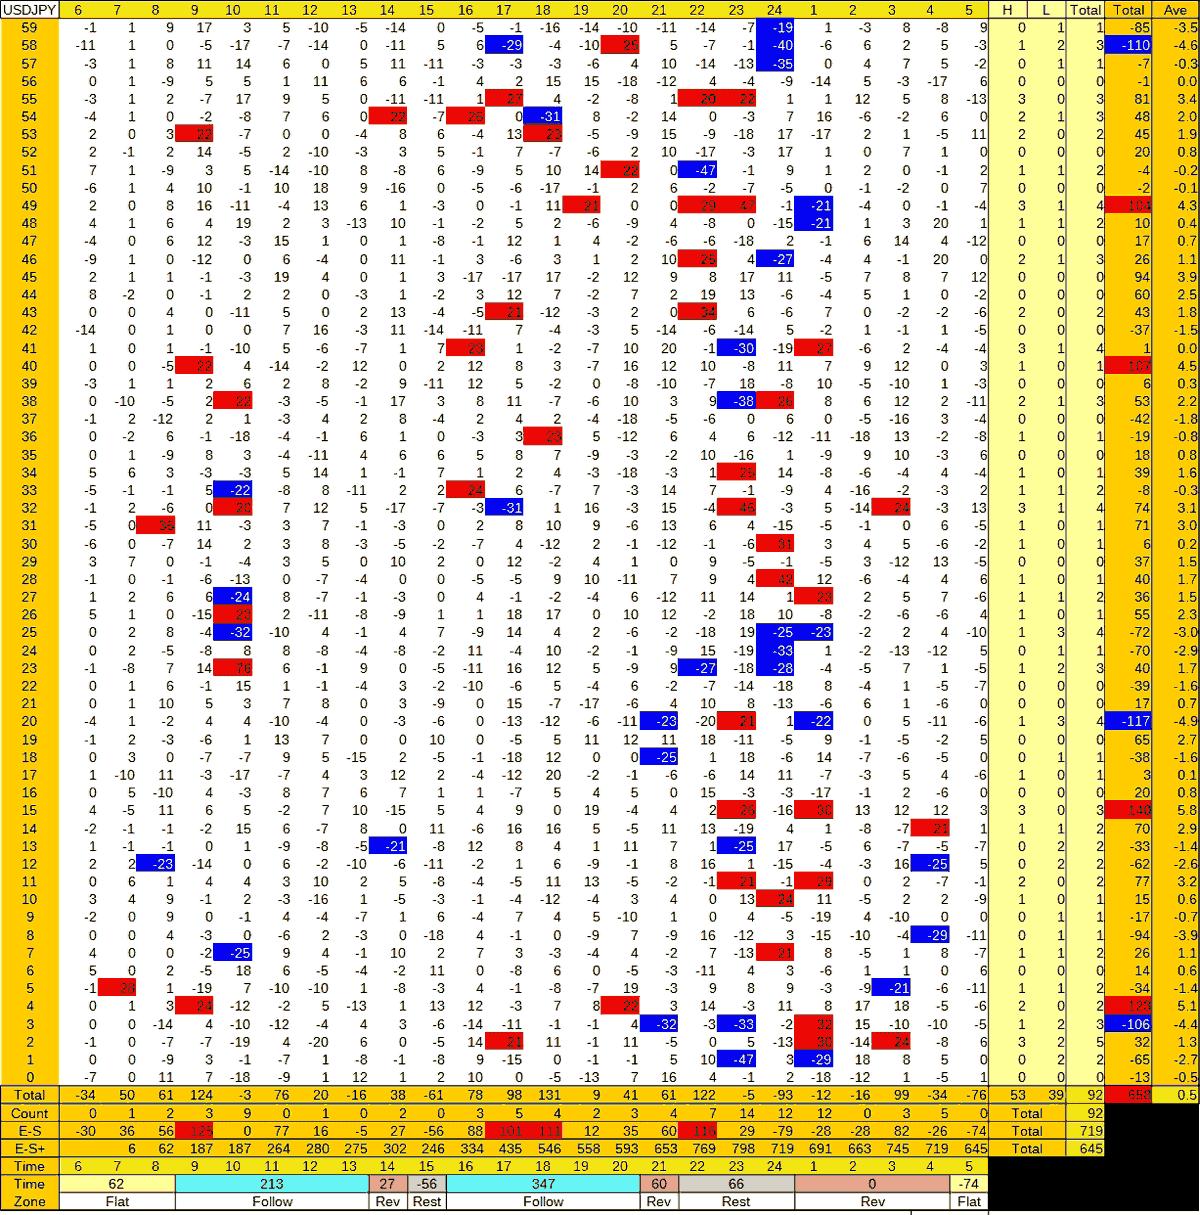 20210224_HS(1)USDJPY-min